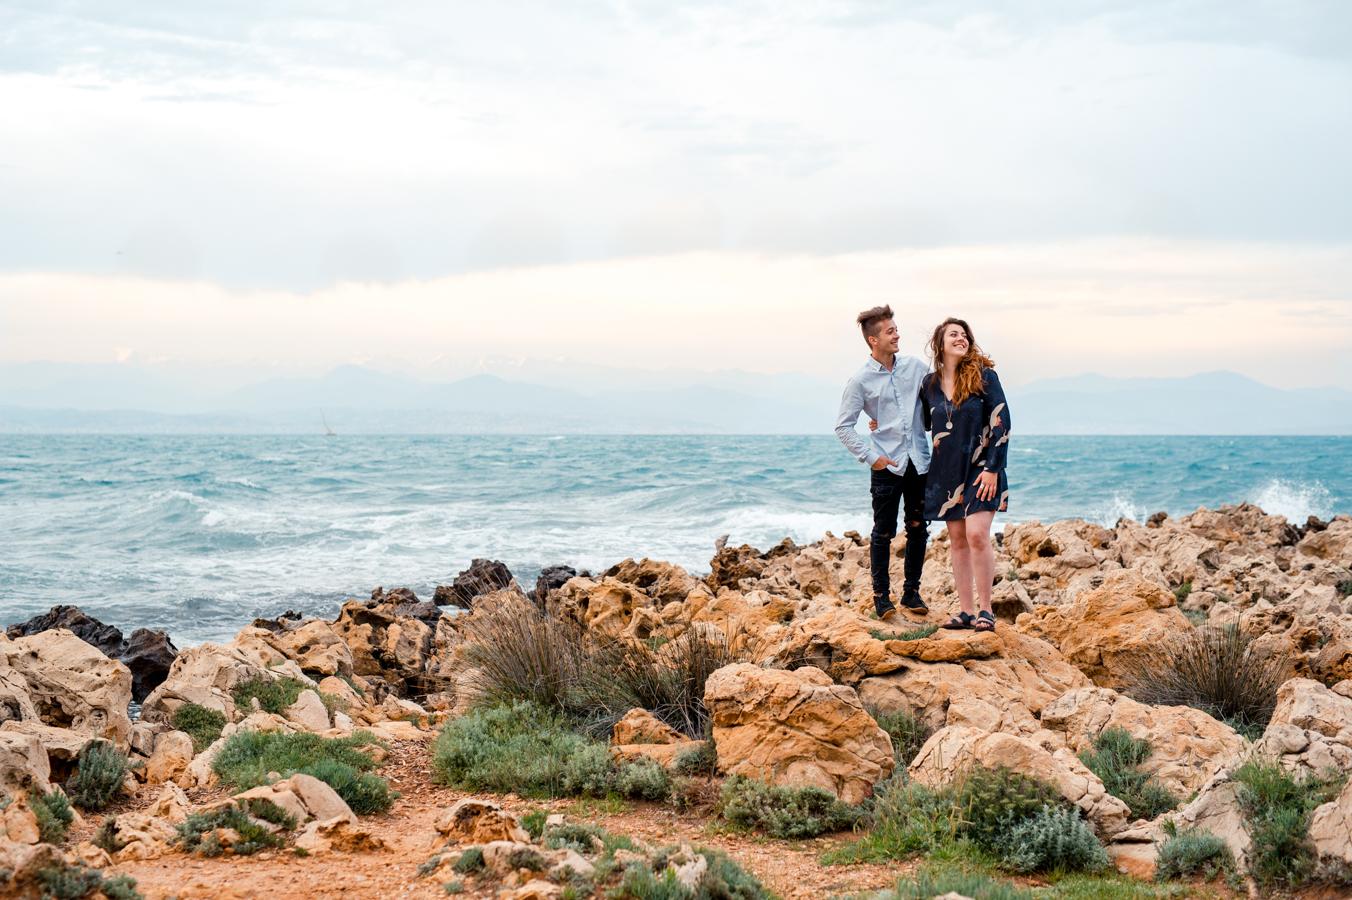 Brother & Sister ••• Frère & Sœur - Cap d'Antibes - Family Photoshoot / Séance photo de Famille by/par L'Œil Derrière le Miroir